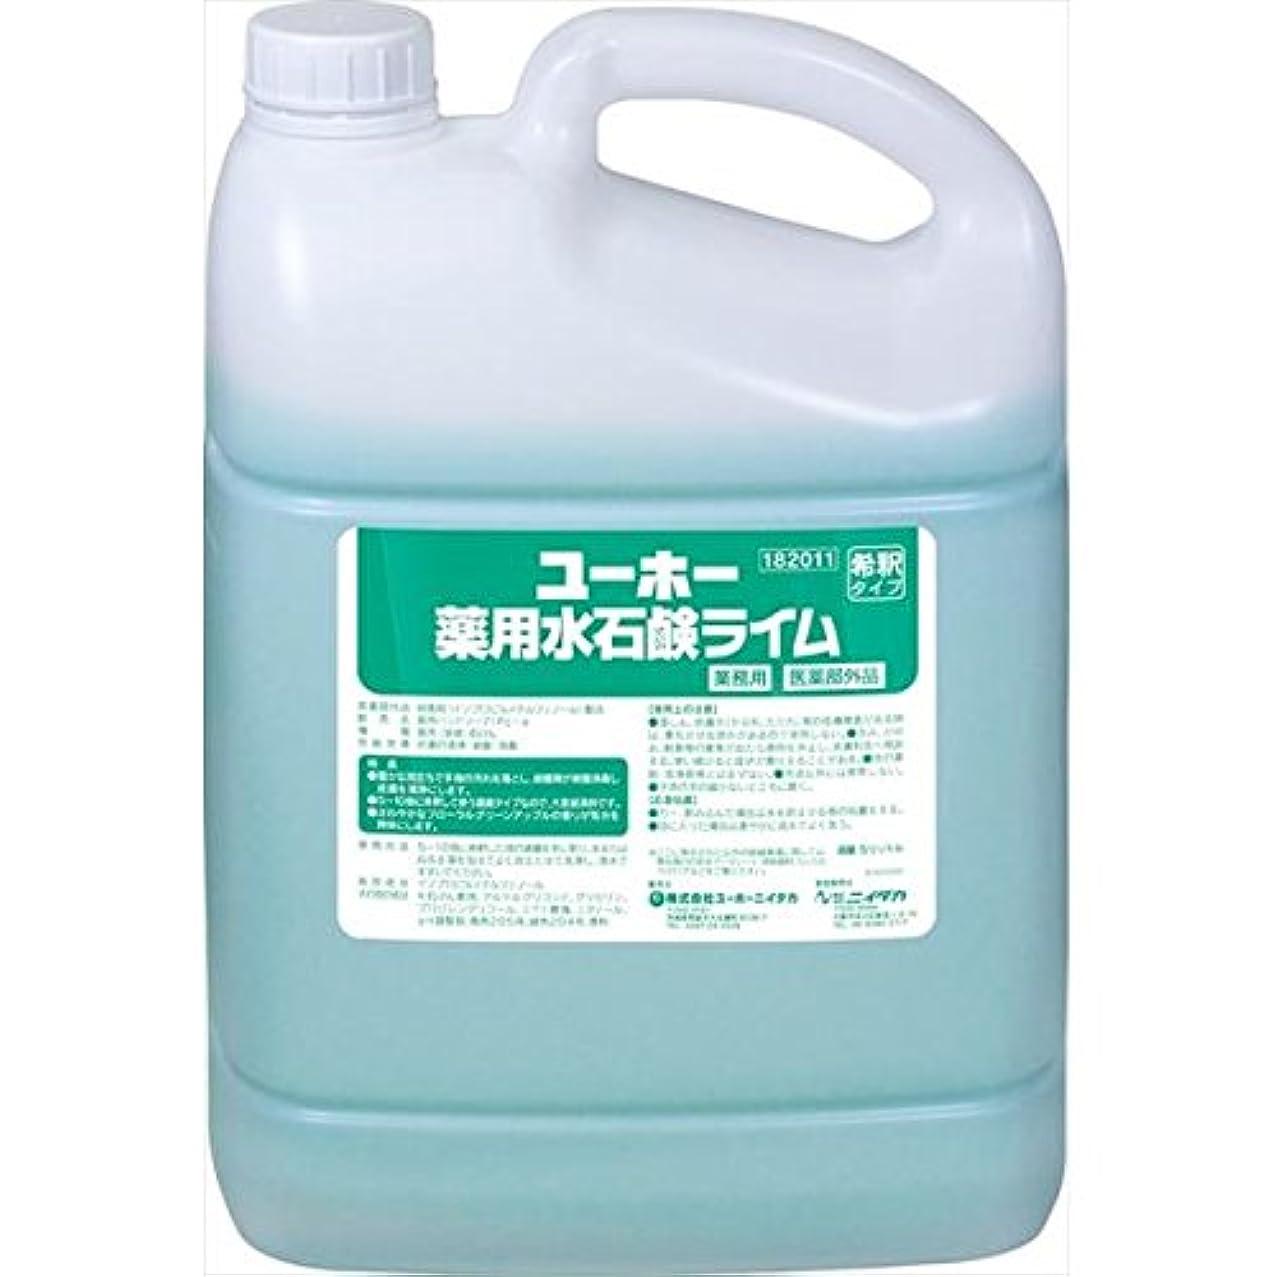 迷惑仕立て屋電化するユーホーニイタカ:薬用水石鹸ライム 5L×2 182011